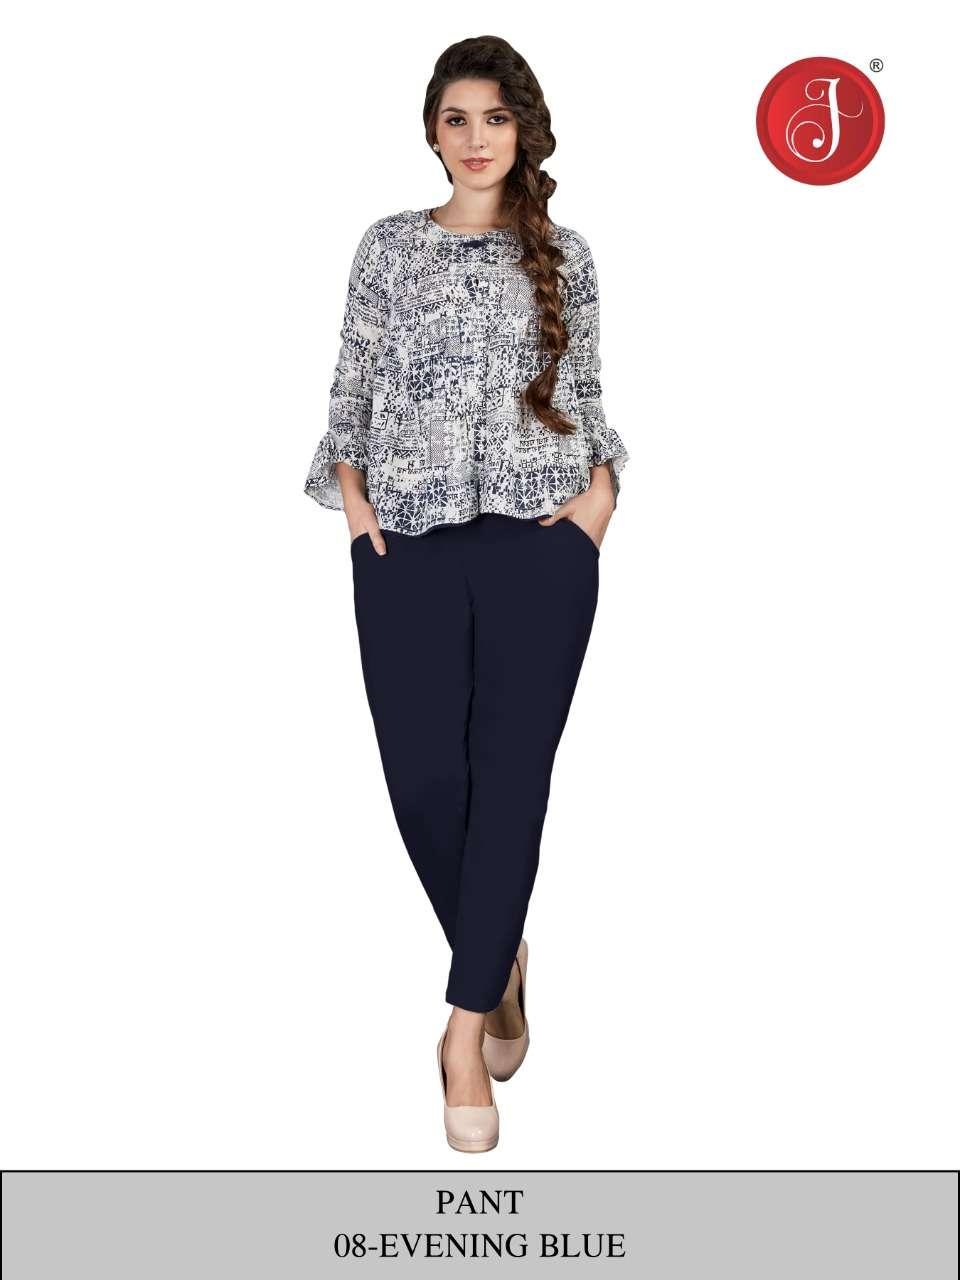 Jelite Presents Cotton Stretchable Kurti Pant Pocket Pant Authorized Supplier